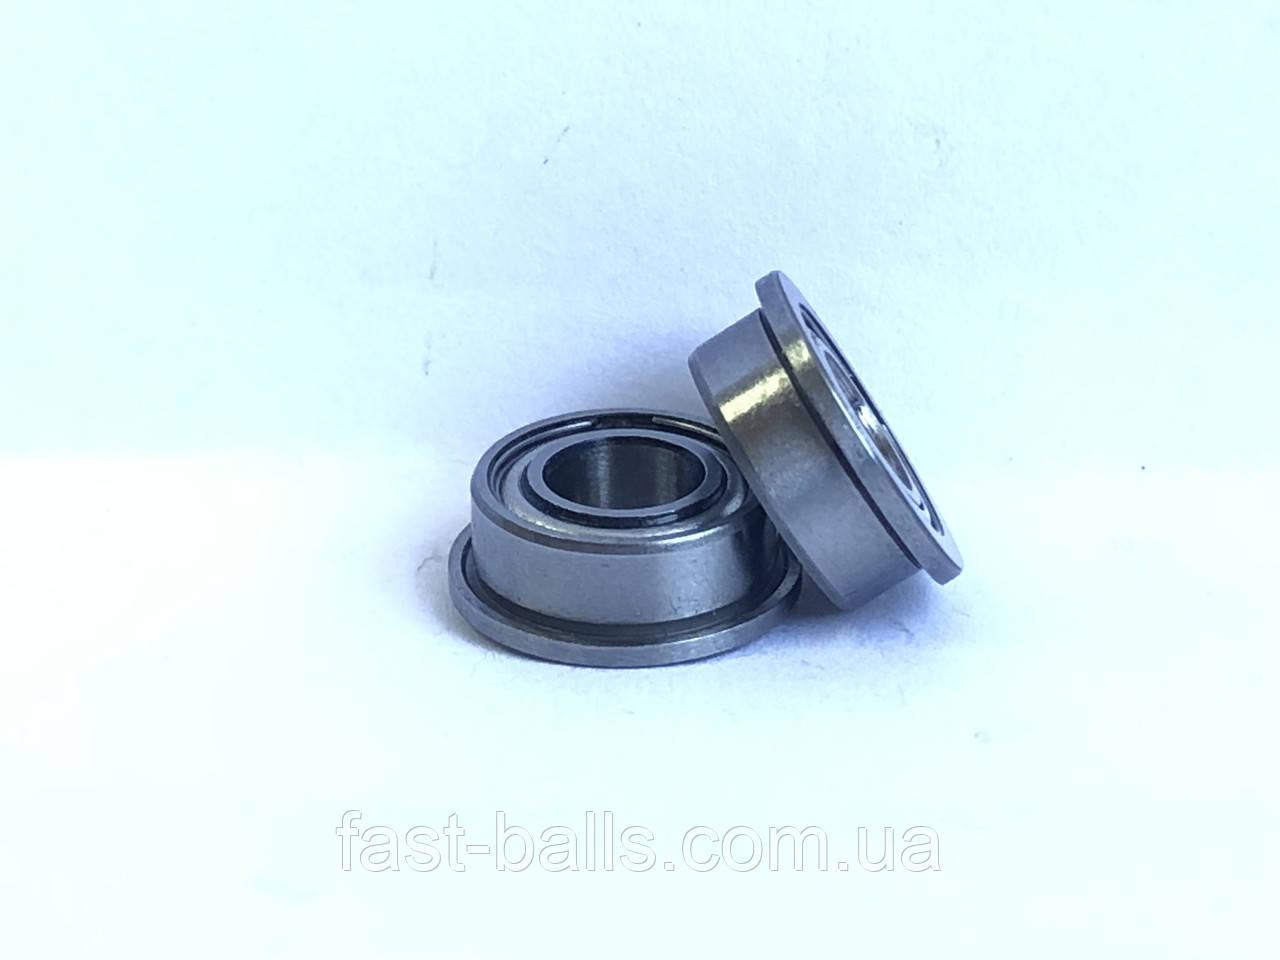 Підшипник SMB MF105 2Z (5x10x4) однорядний c фланцем